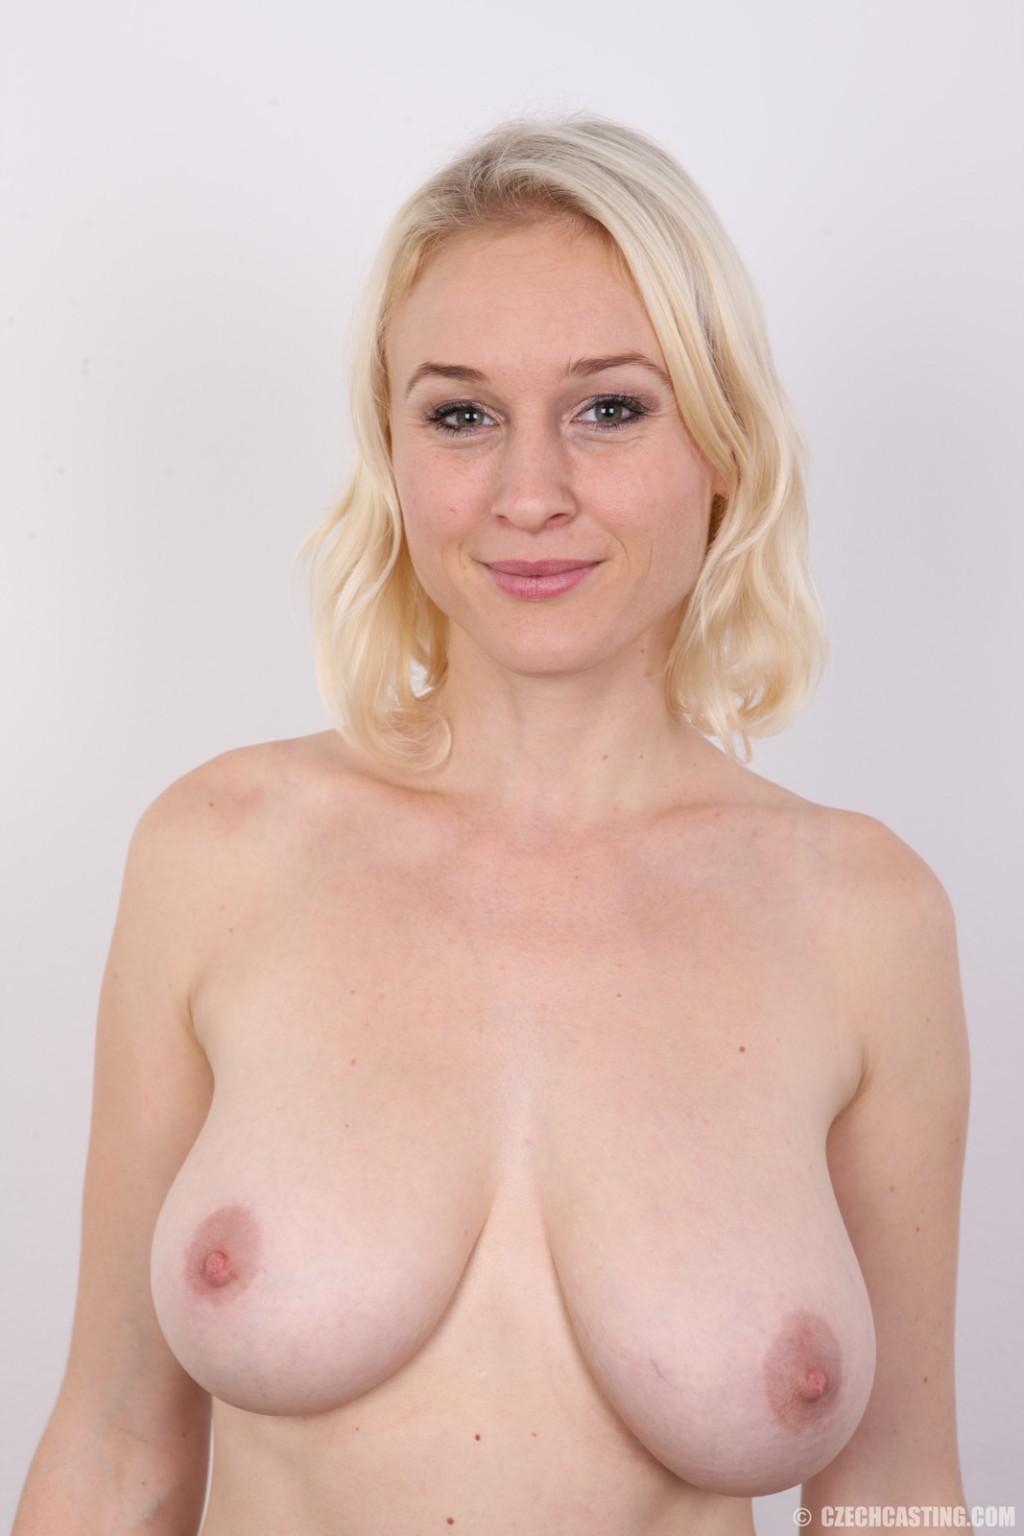 Big Blonde Amateur Tits